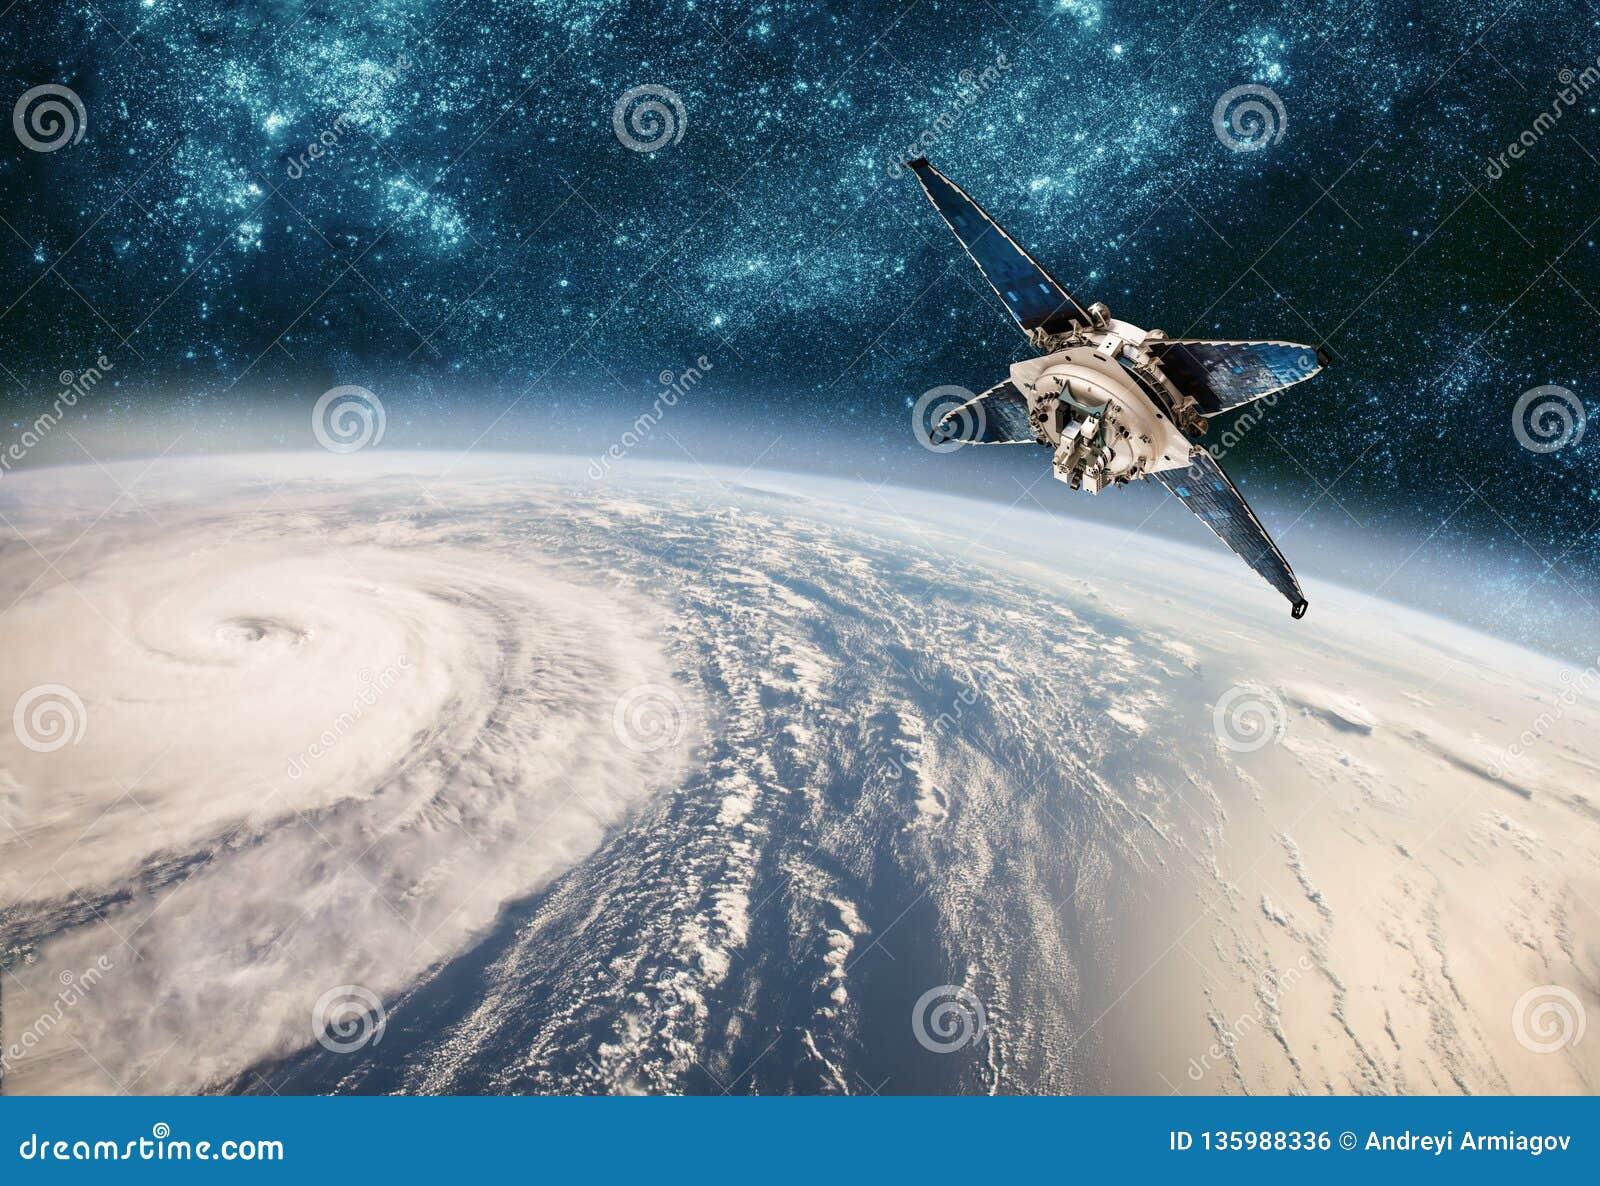 Διαστημικός δορυφορικός έλεγχος από τον καιρό γήινης τροχιάς από το διάστημα, τυφώνας, τυφώνας στο πλανήτη Γη